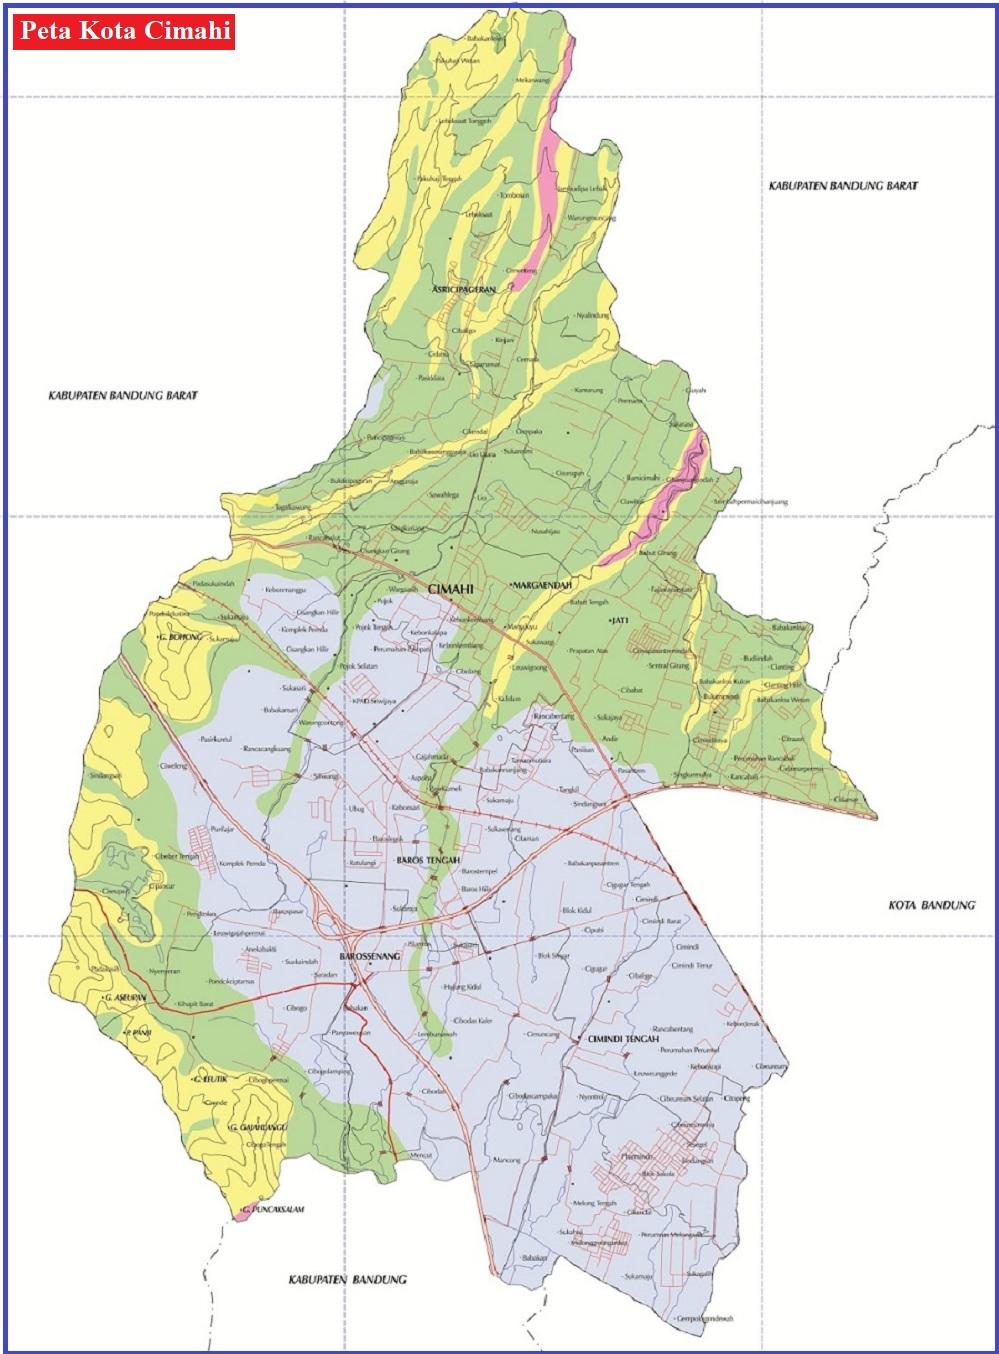 Peta Kota Cimahi